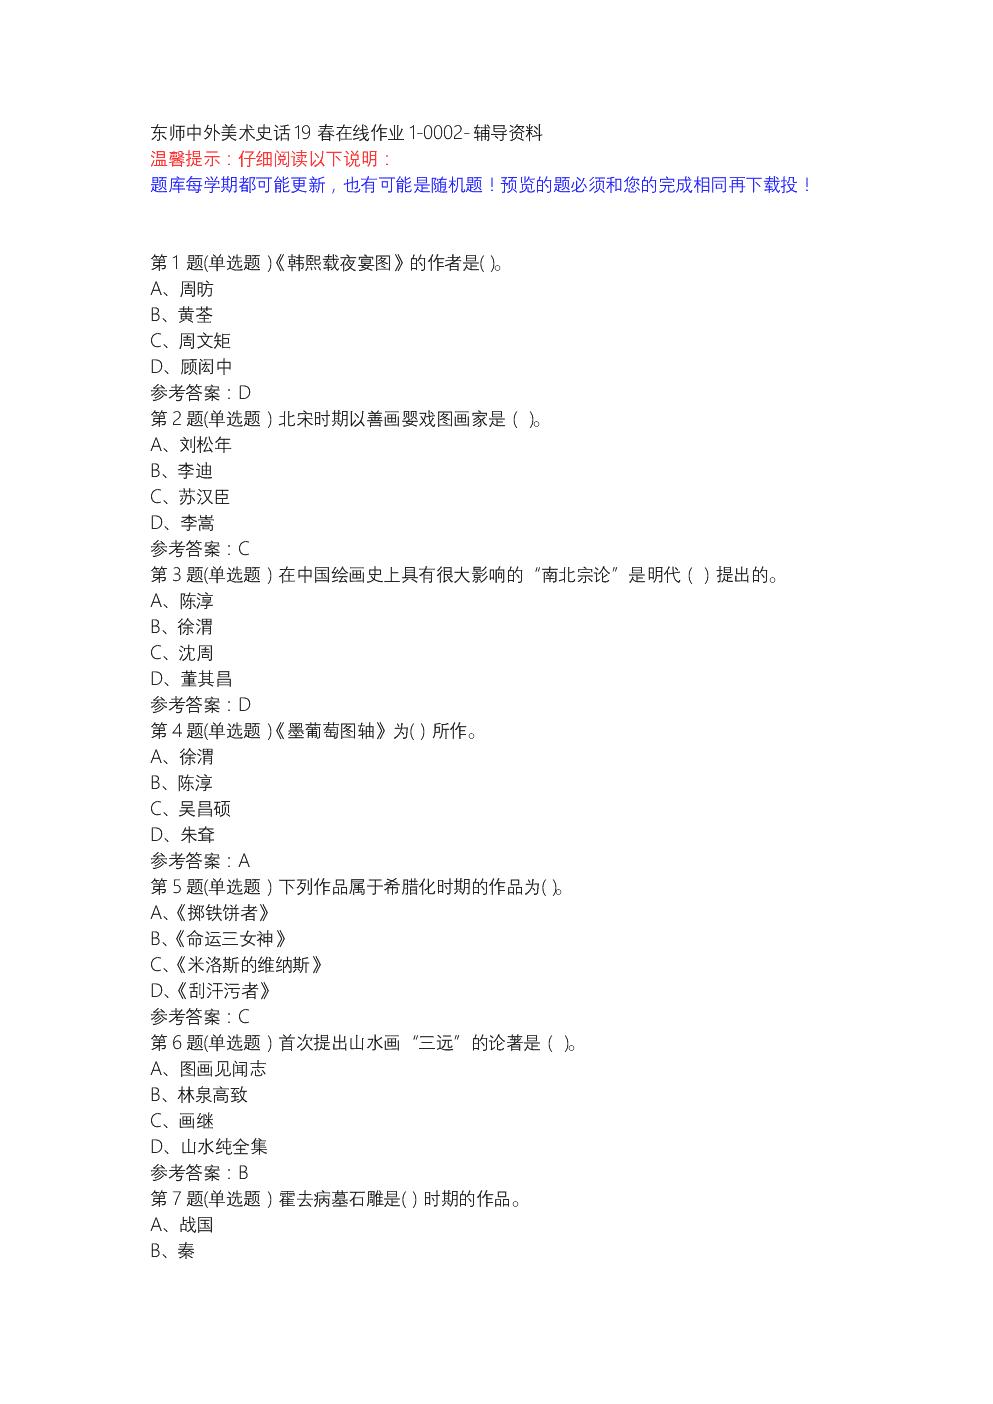 東師中外美術史話19春在線作業1-0002-輔導資料.docx